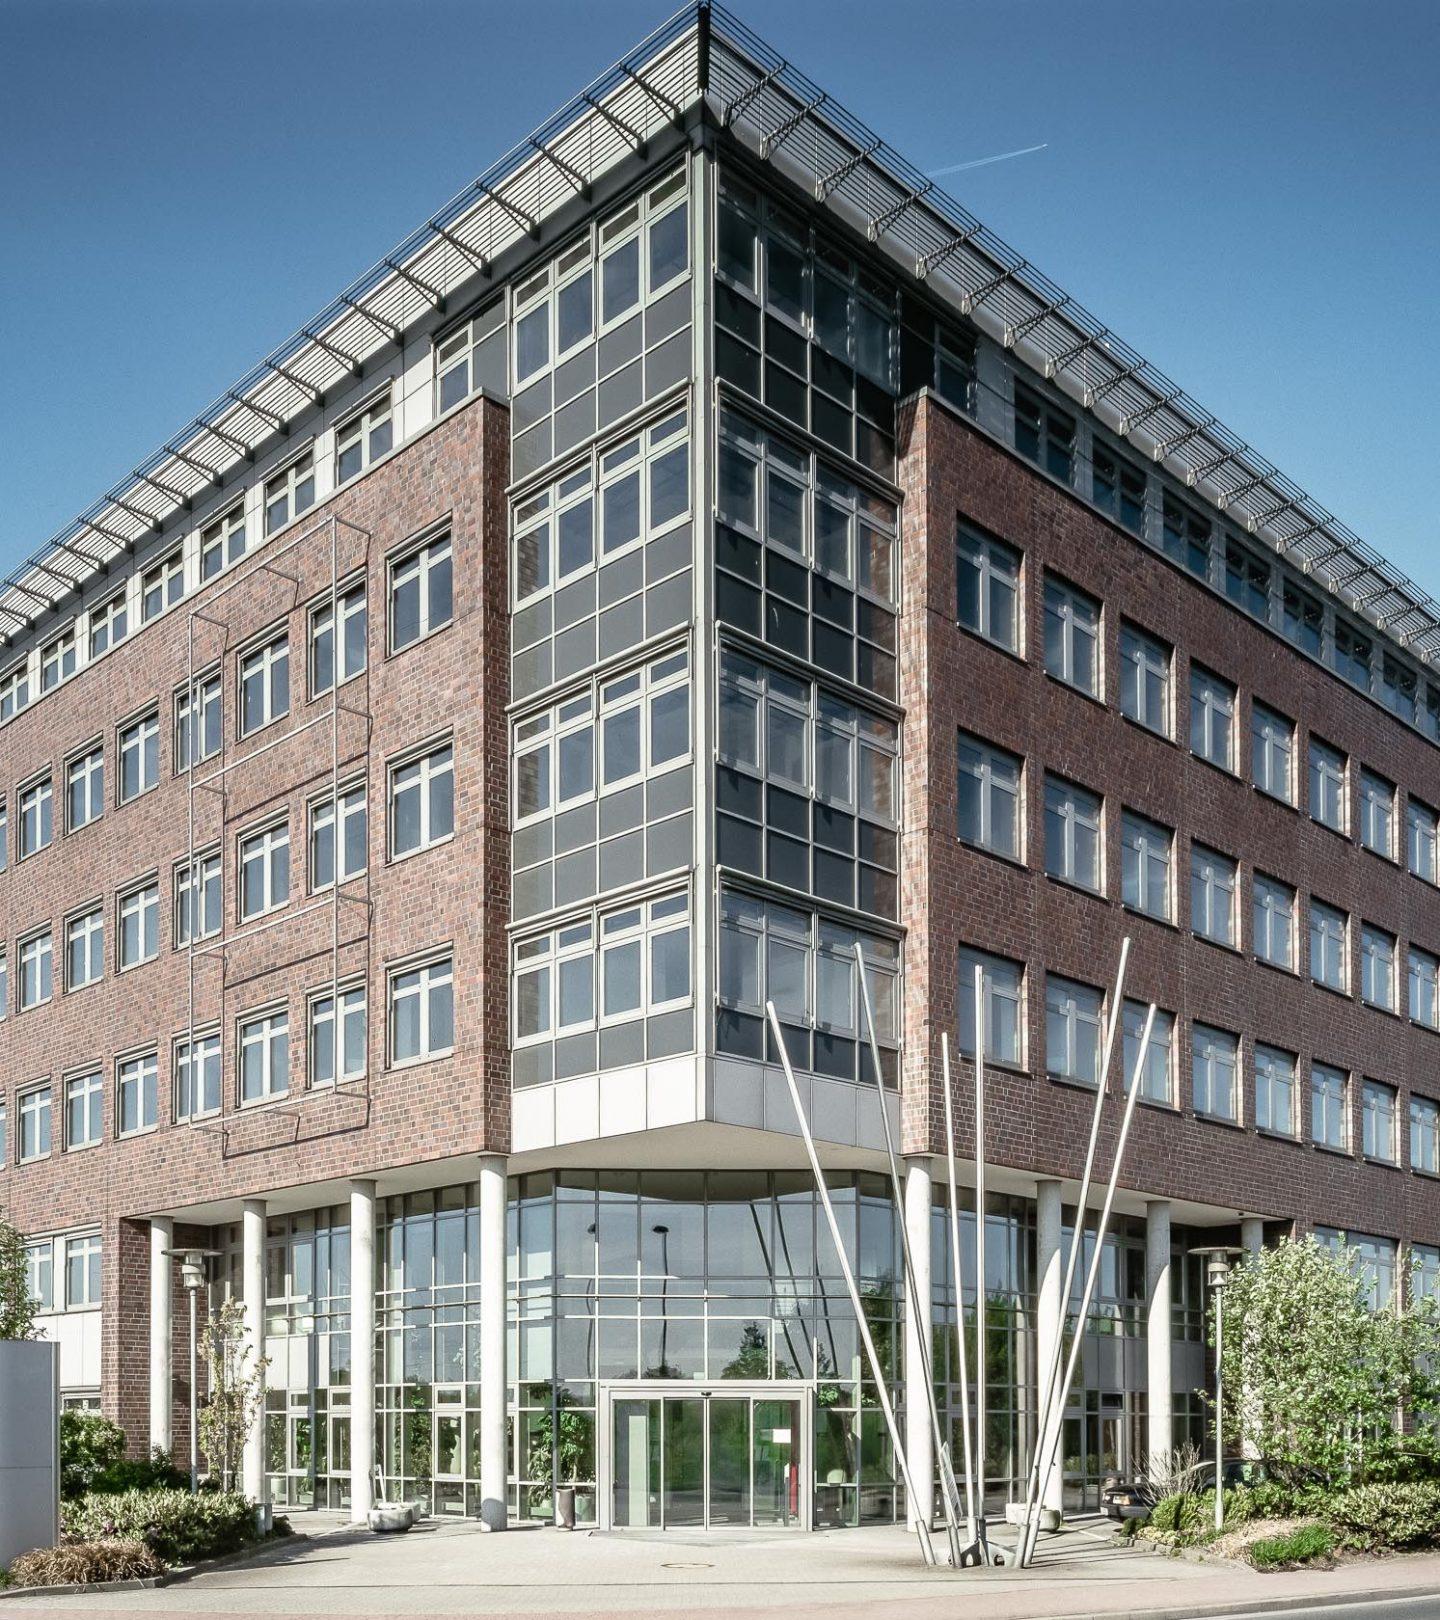 Paribus Kreisverwaltung Pinneberg - Außenaufnahme der Immobilie